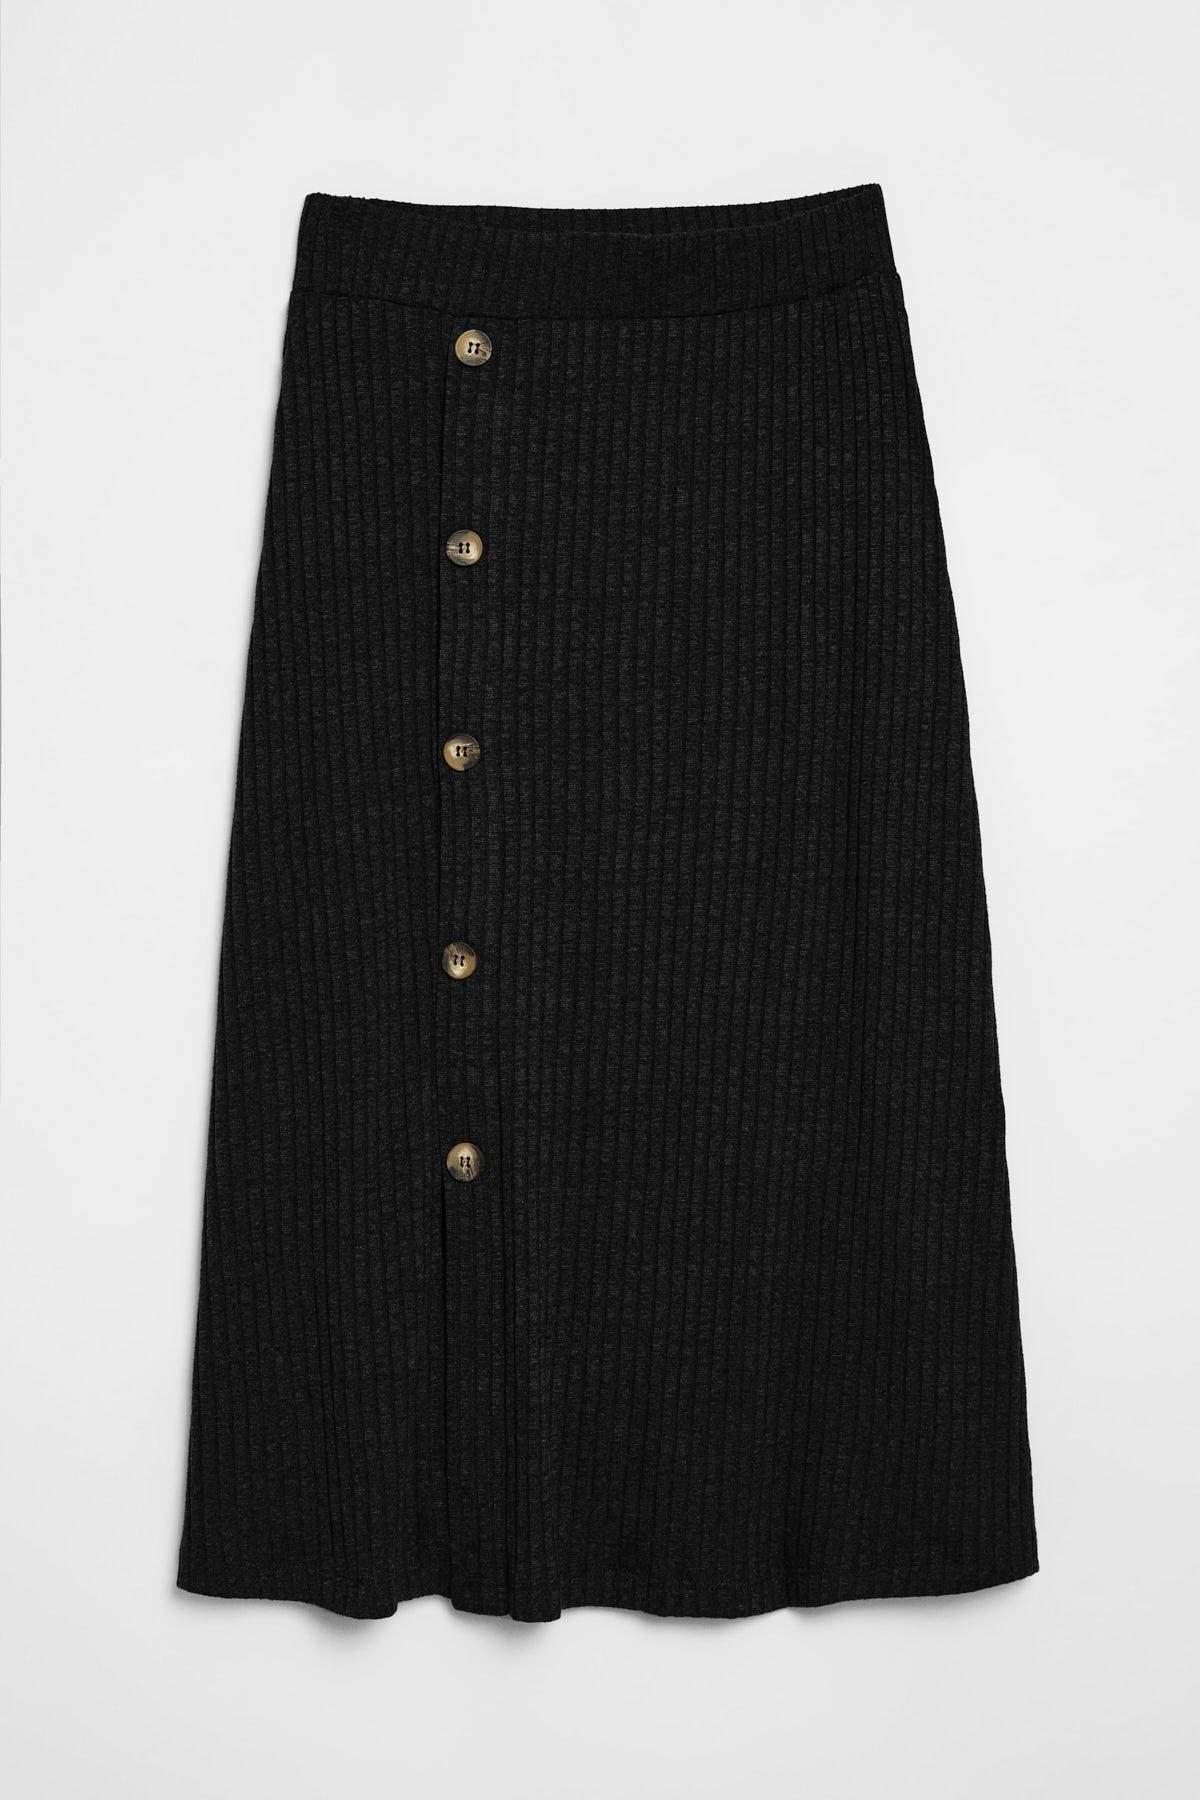 GRIMELANGE OLIVA Kadın Triko Görünümlü Önü  Düğmeli  Siyah Etek 0